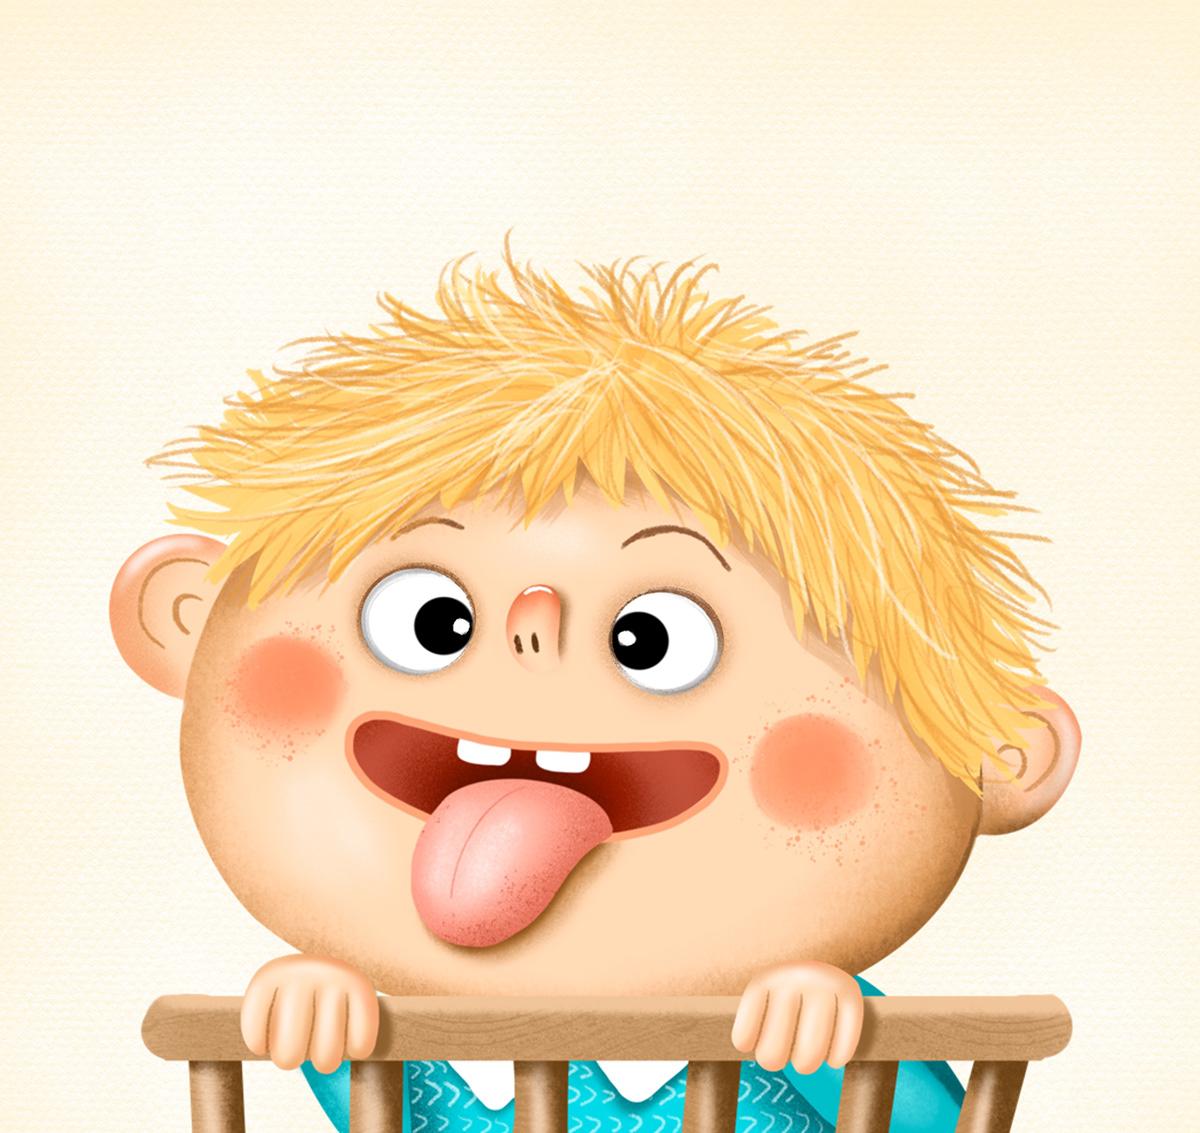 Character design  children children's book children's illustration Digital Art  ILLUSTRATION